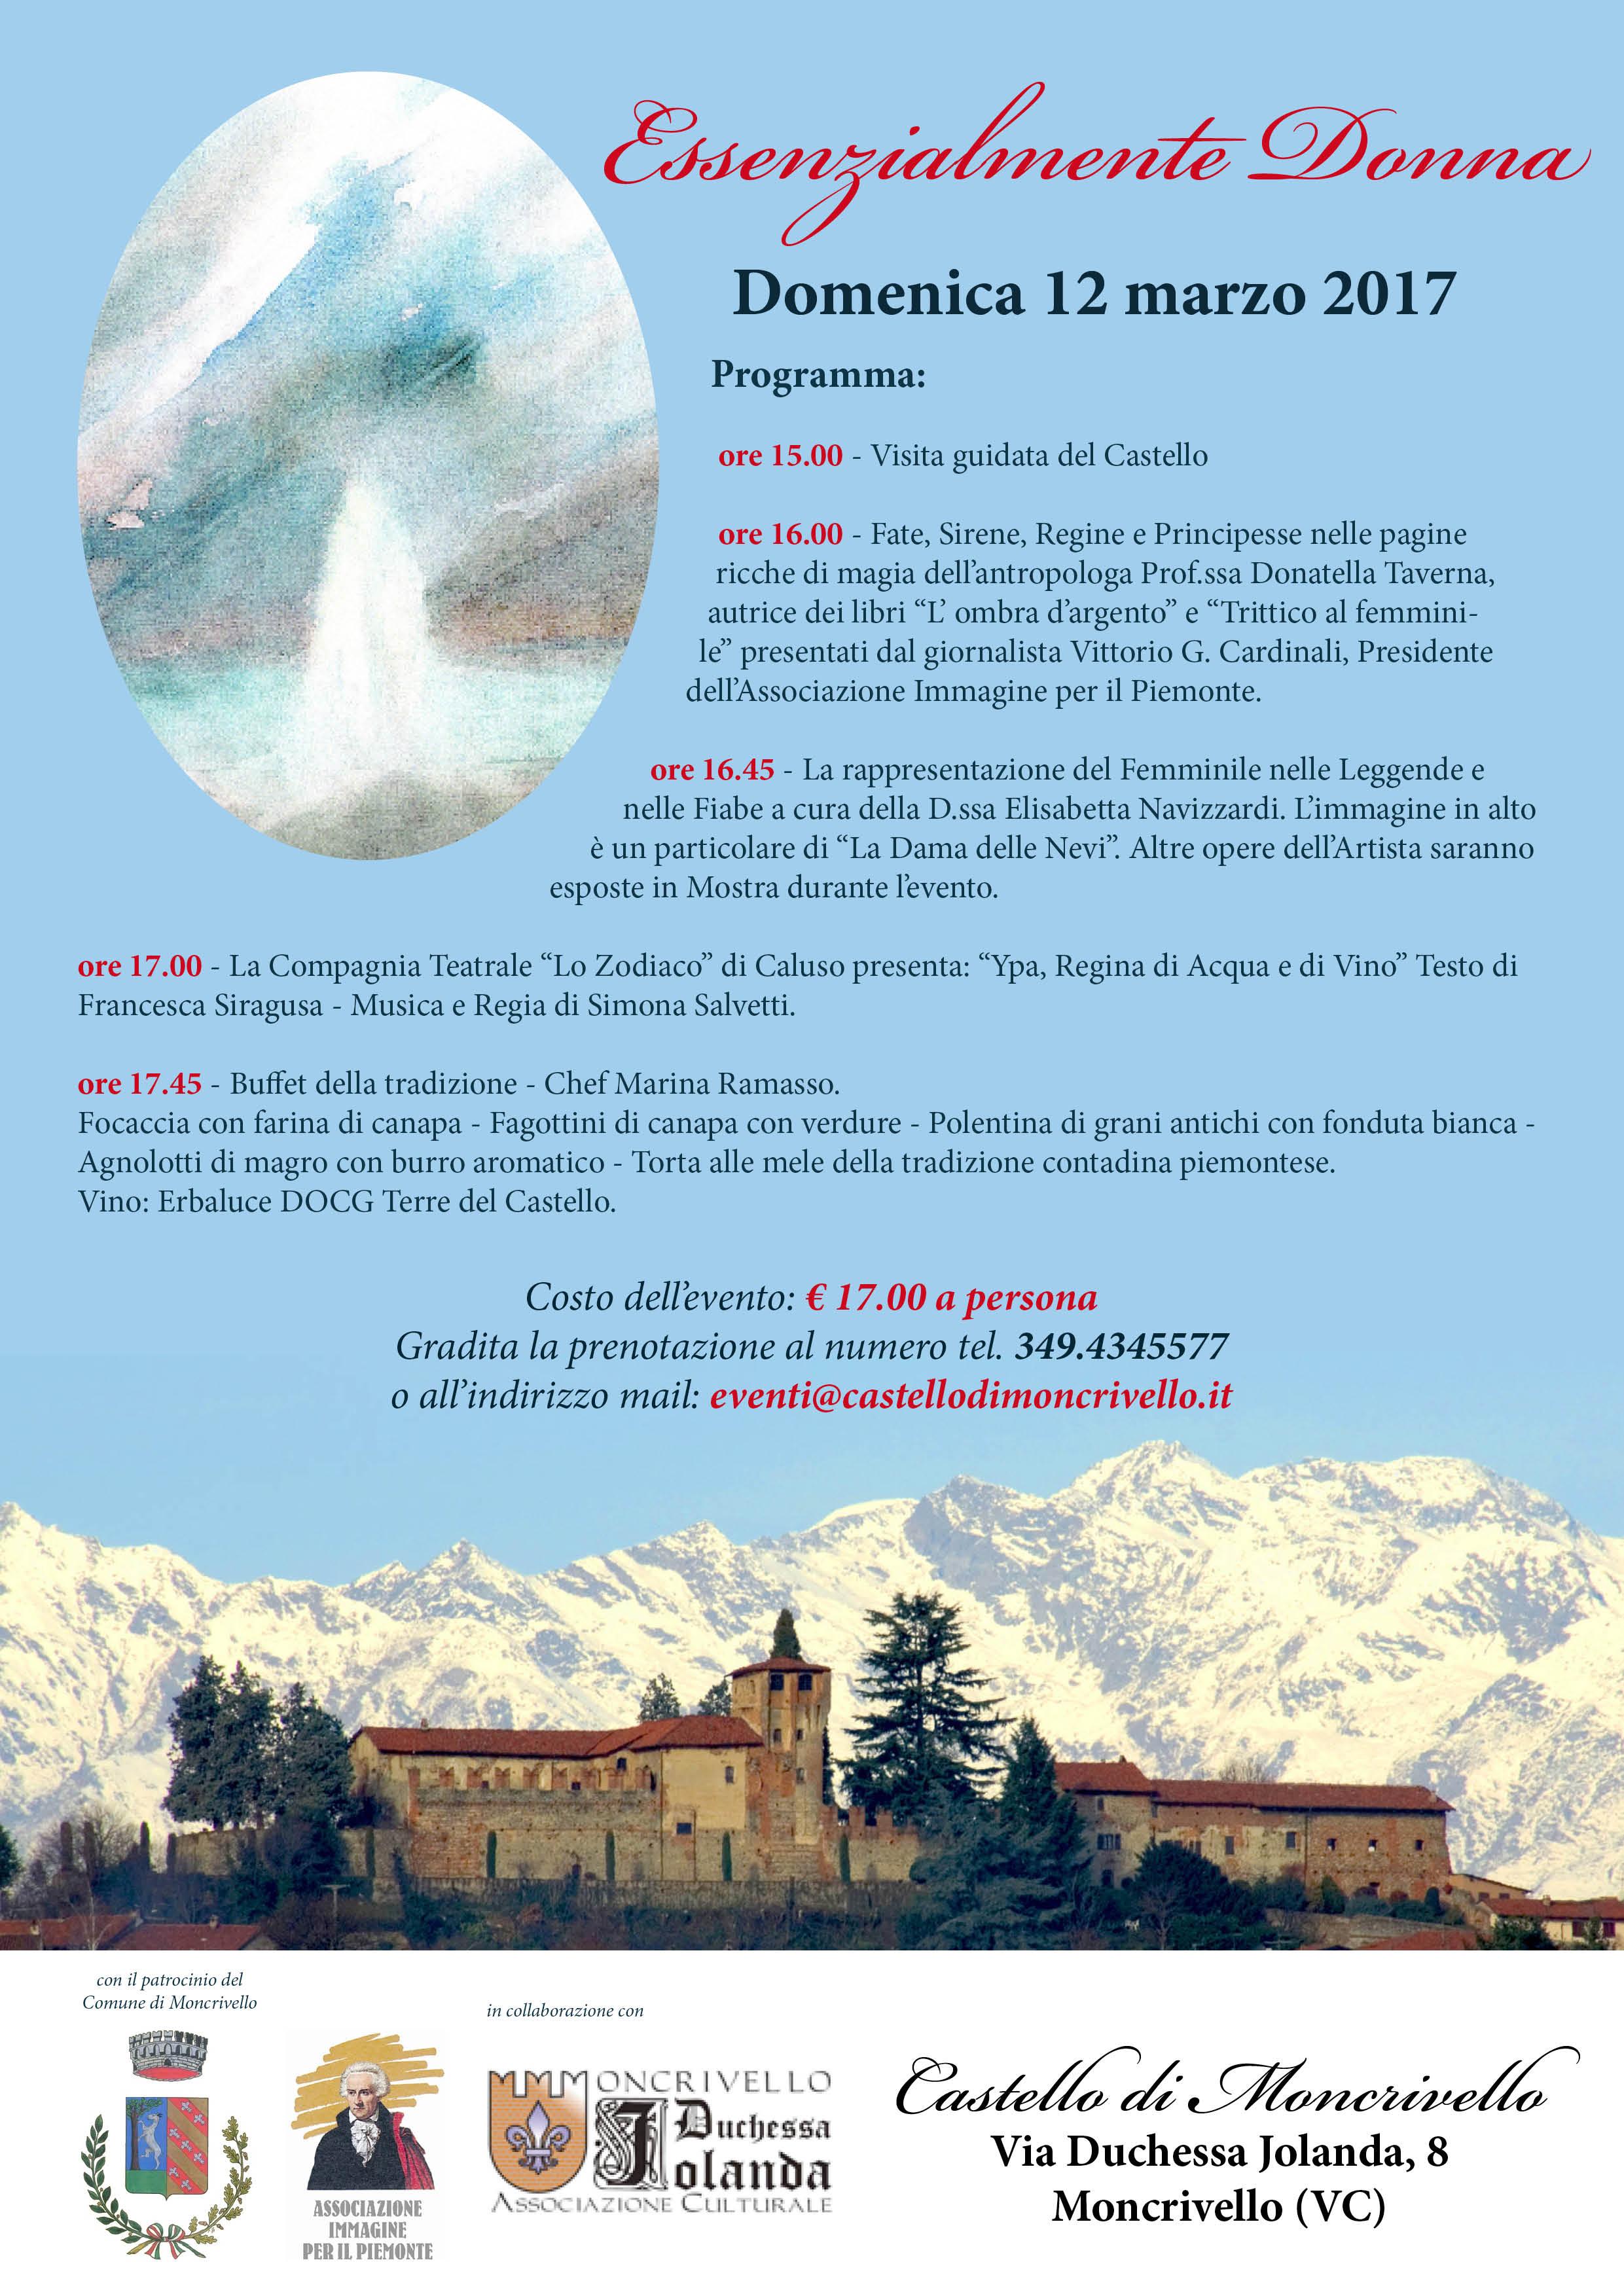 Castello di Moncrivello12 marzo 2017